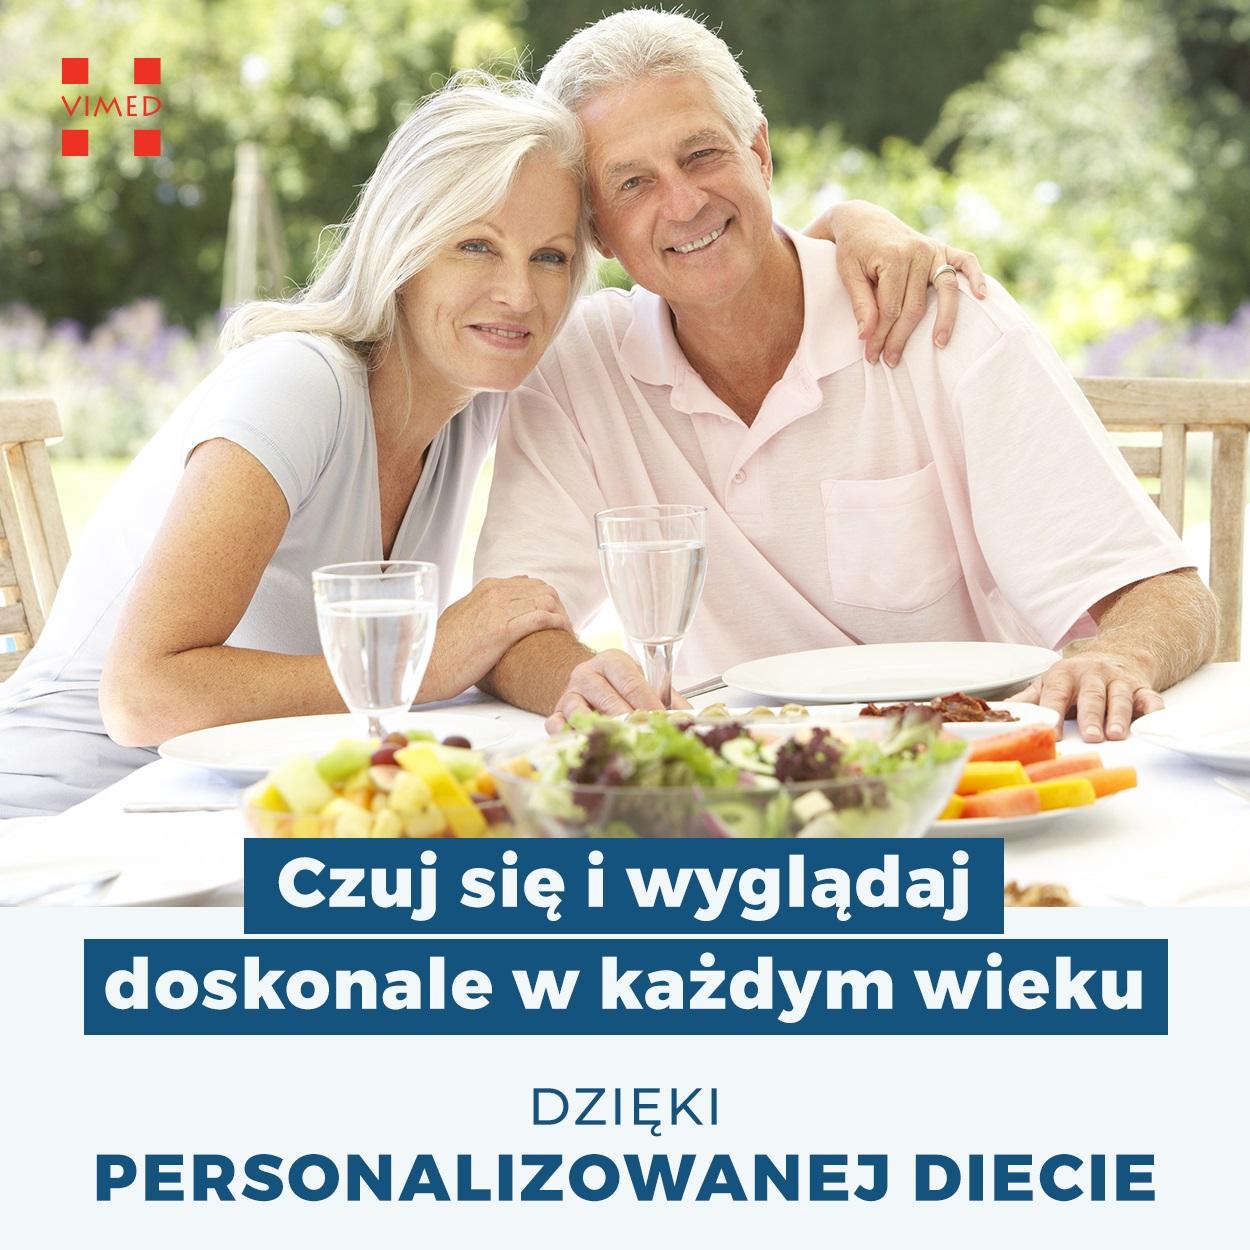 Starsze małżeństwo i personalizowana dieta